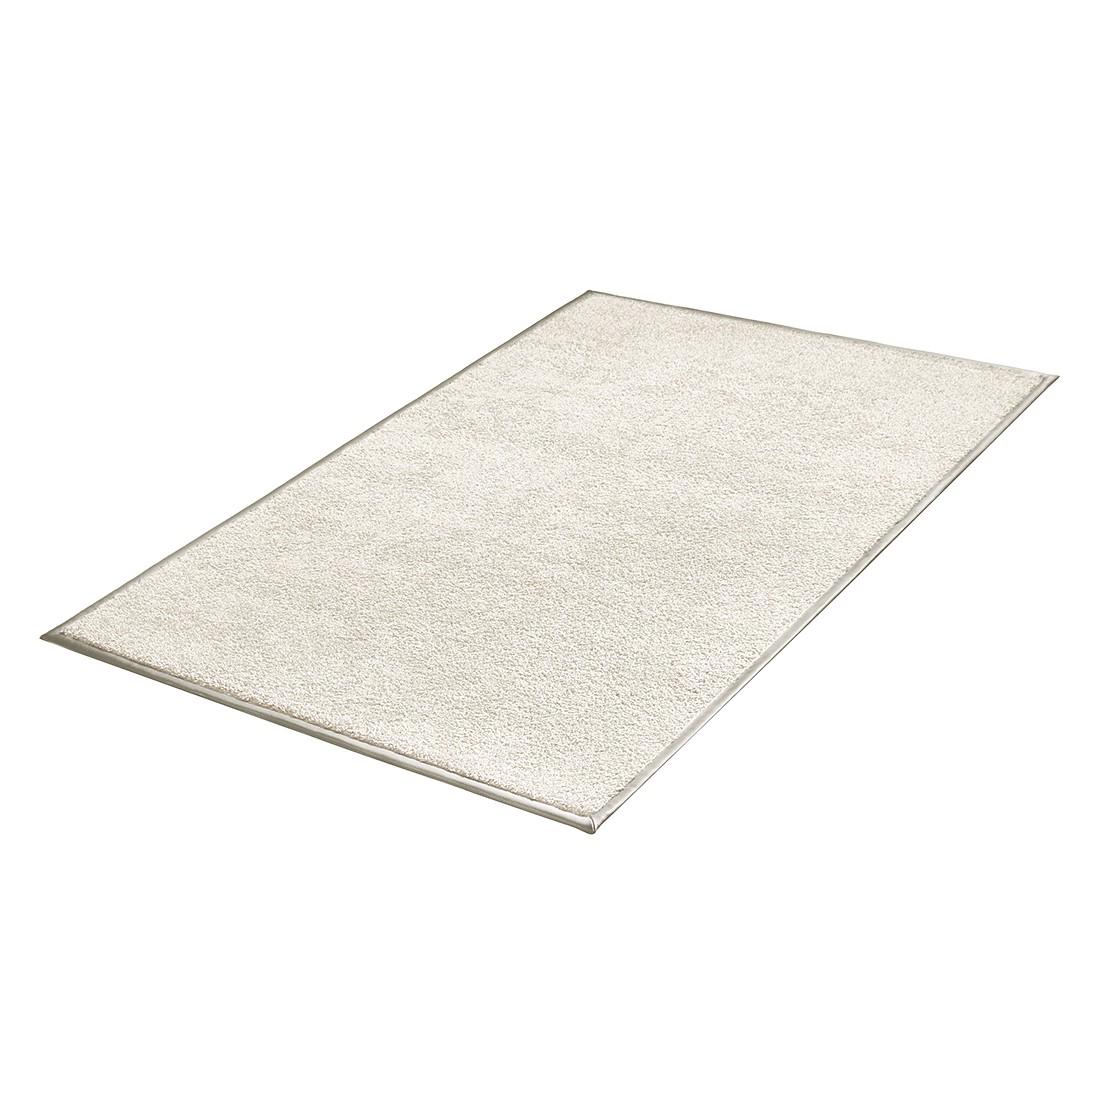 Teppich Noblesse Exclusiv – Creme – 170 x 230 cm, DEKOWE günstig kaufen